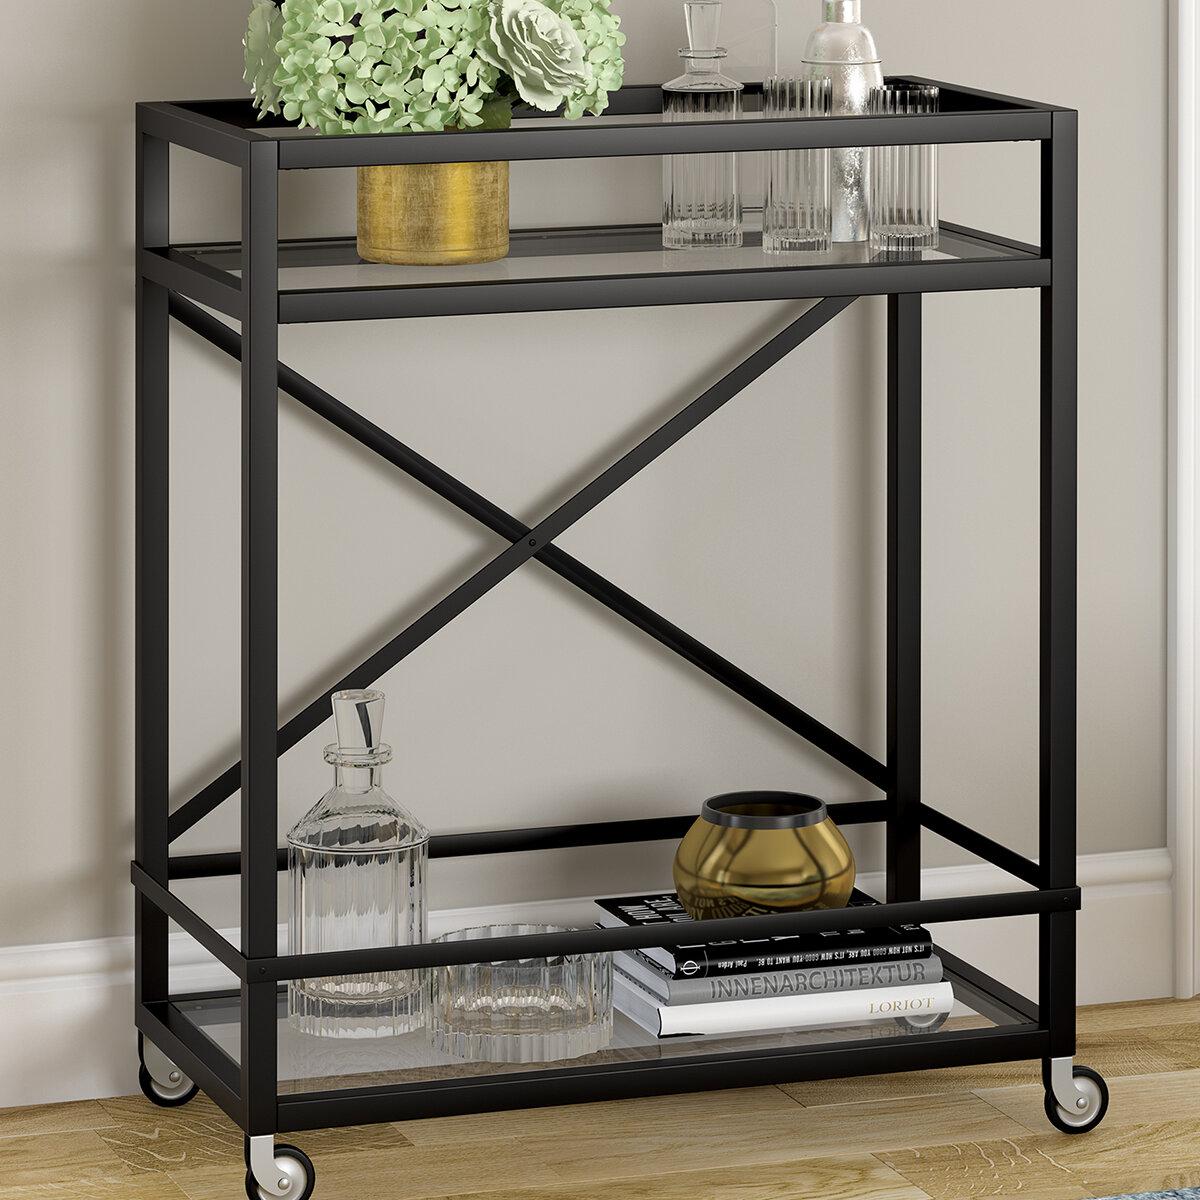 Ebern Designs Melora Bar Cart Reviews Wayfair